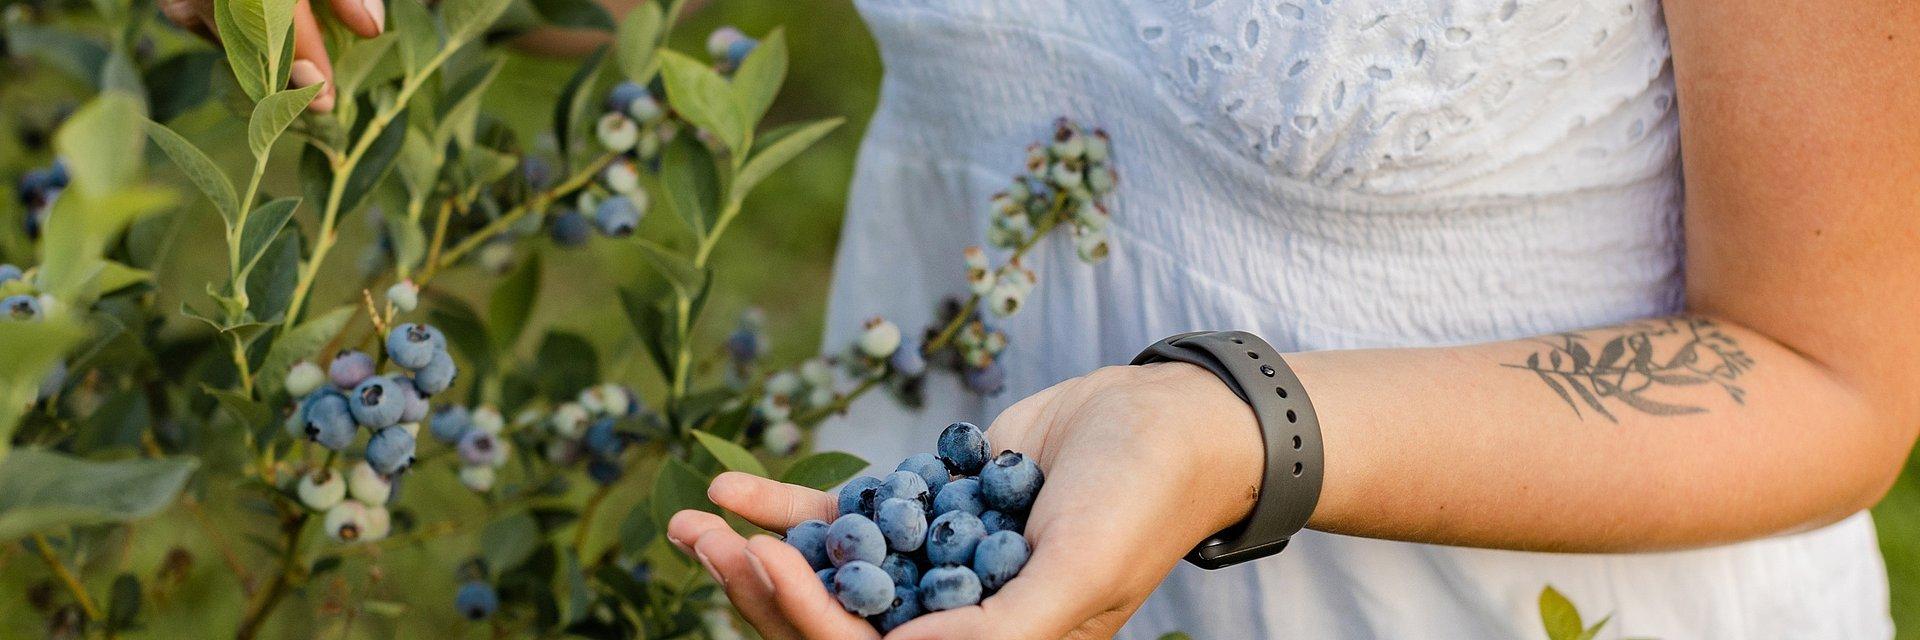 Borówki ulubionym owocem dietetyków. Dlaczego?